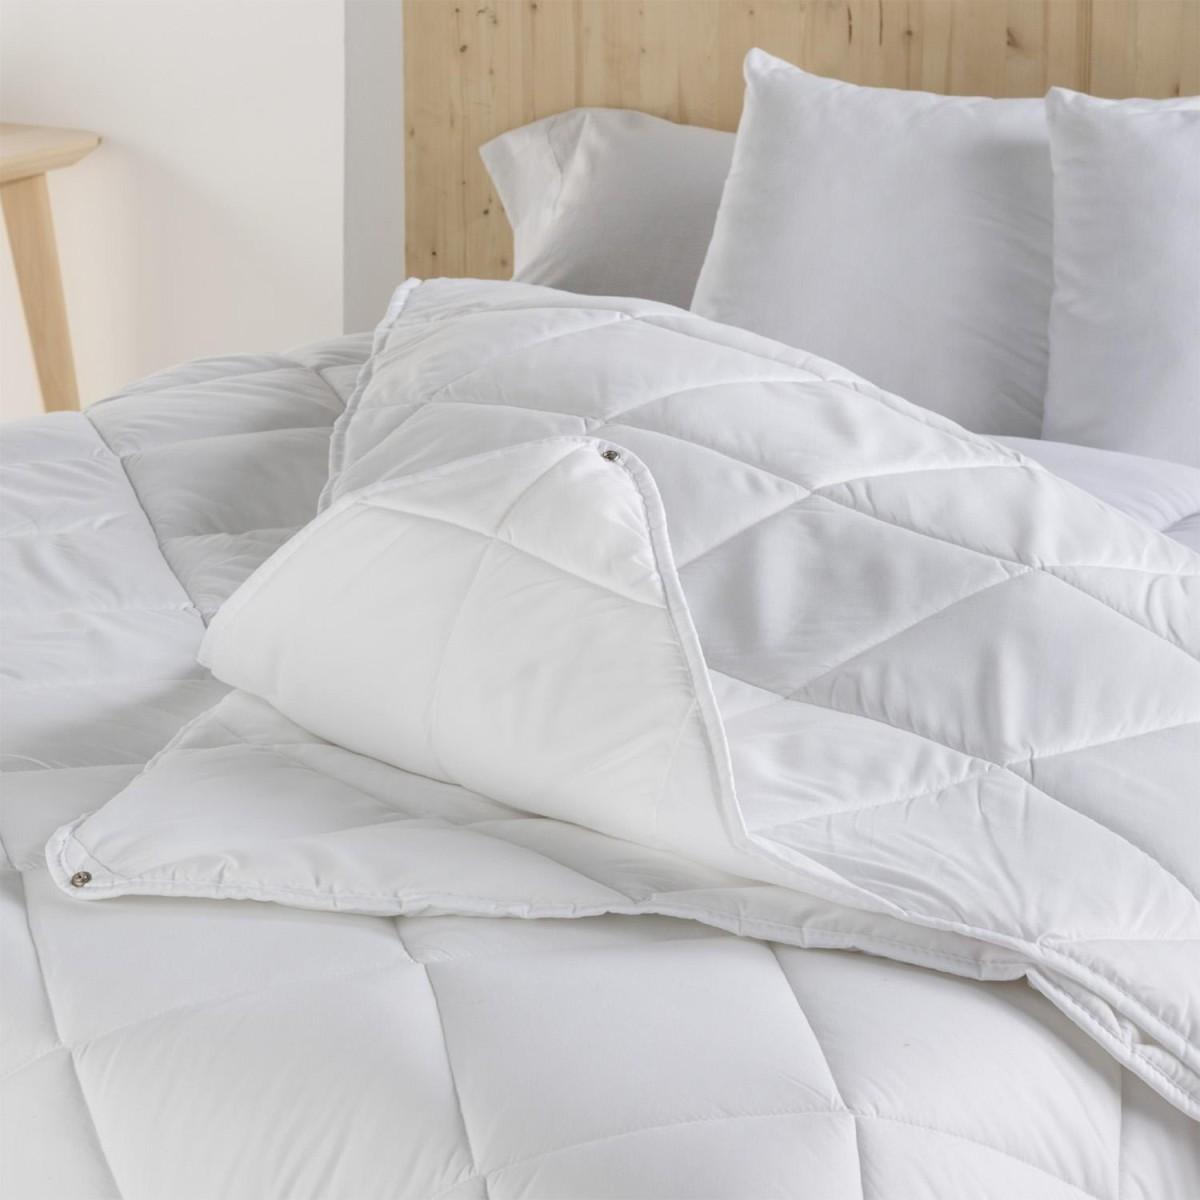 Relleno n rdico 4 estaciones naturals Relleno nordico cama 180